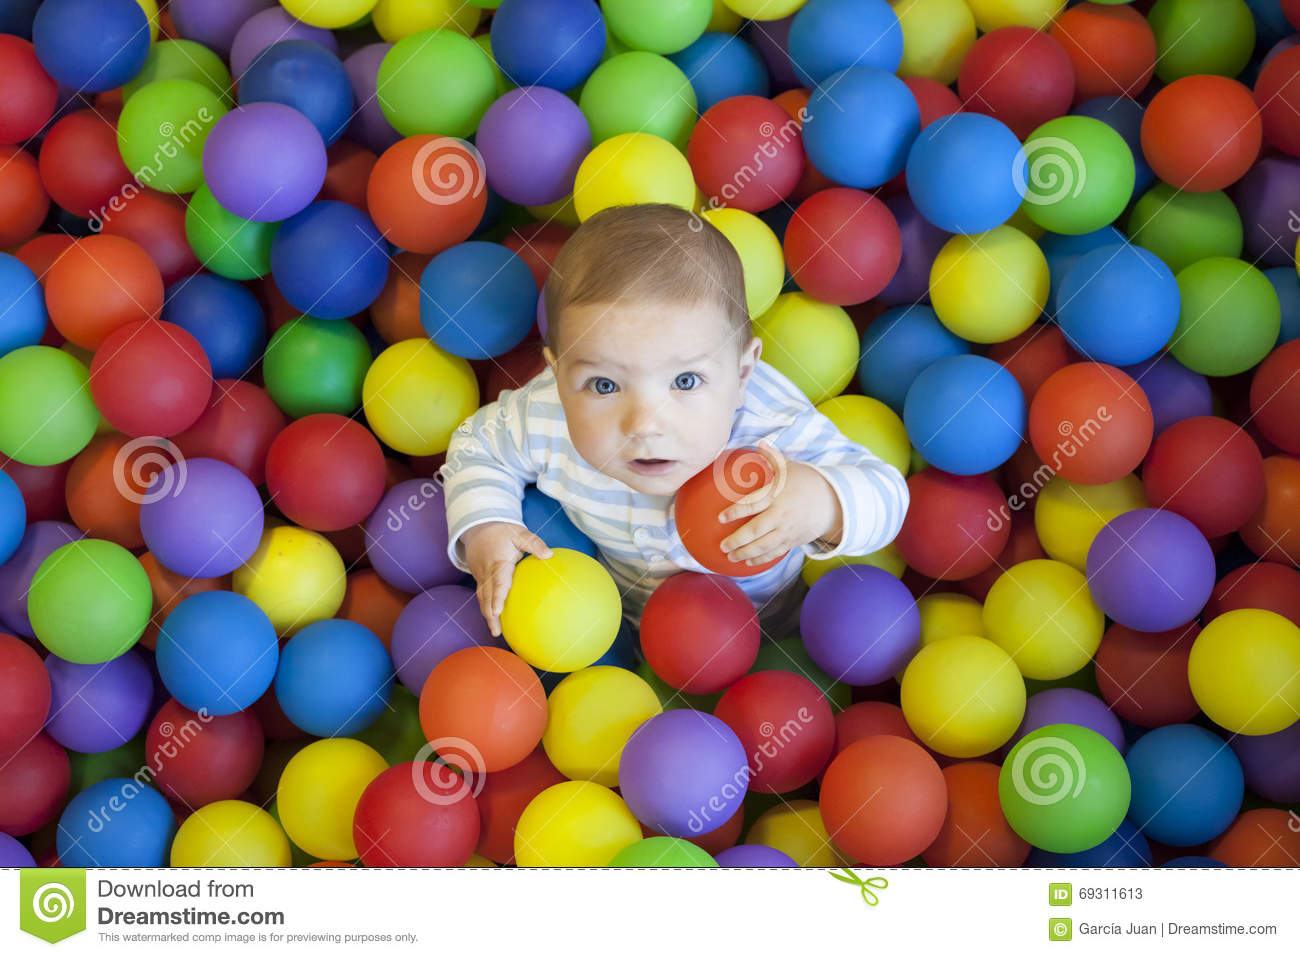 Bébé Garçon Jouant Dans La Piscine De Boules De Terrain De serapportantà Jeux De Bébé Garçon